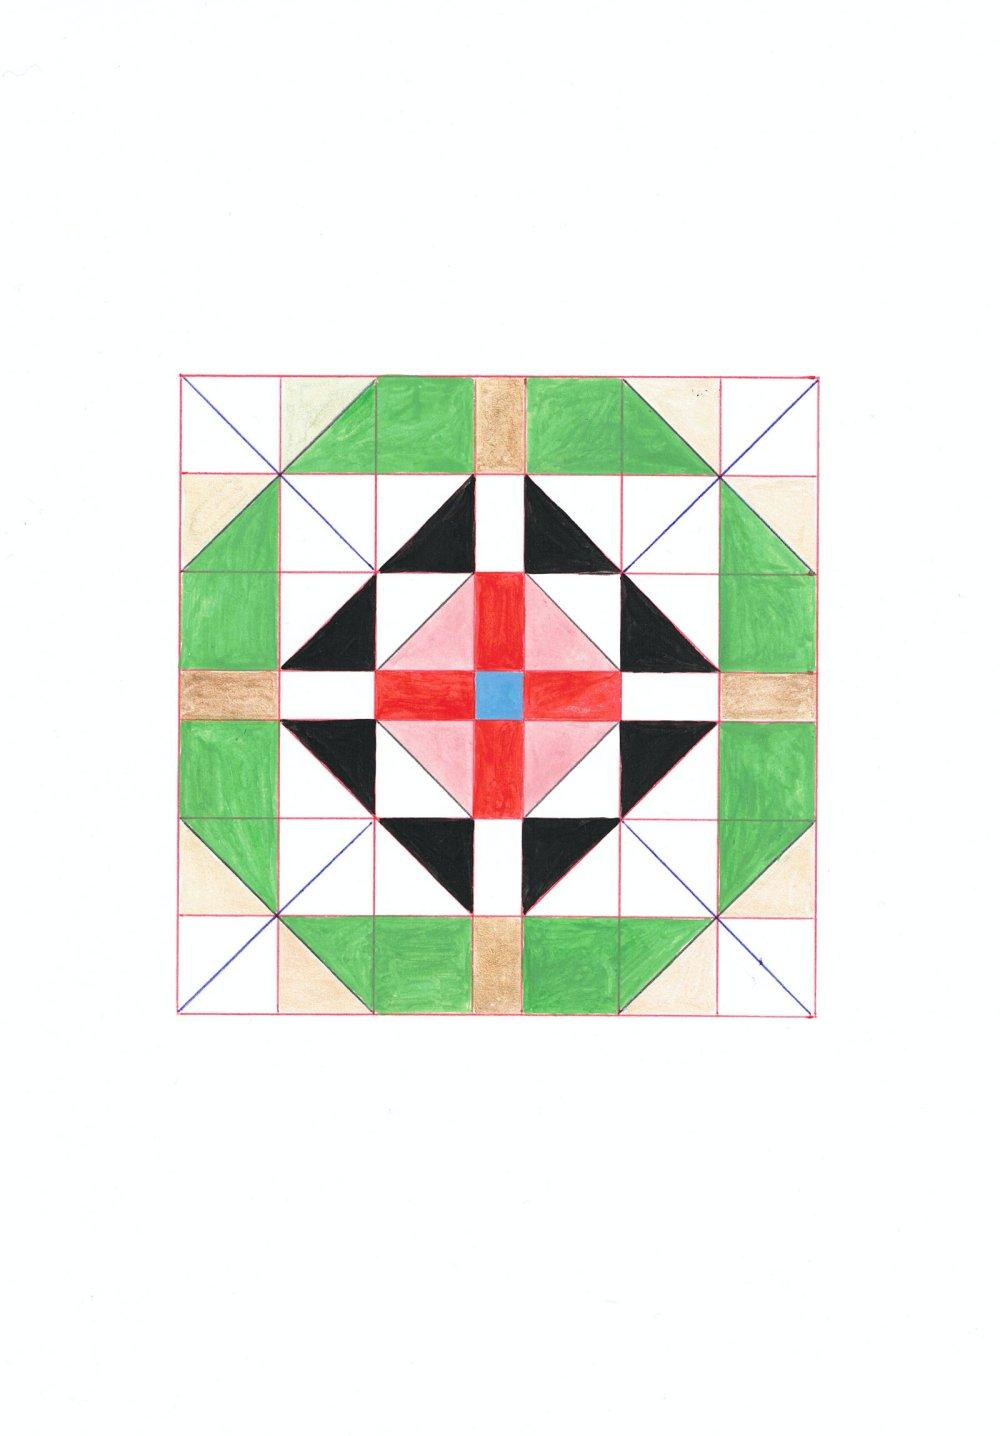 Visionium (Trame 32)